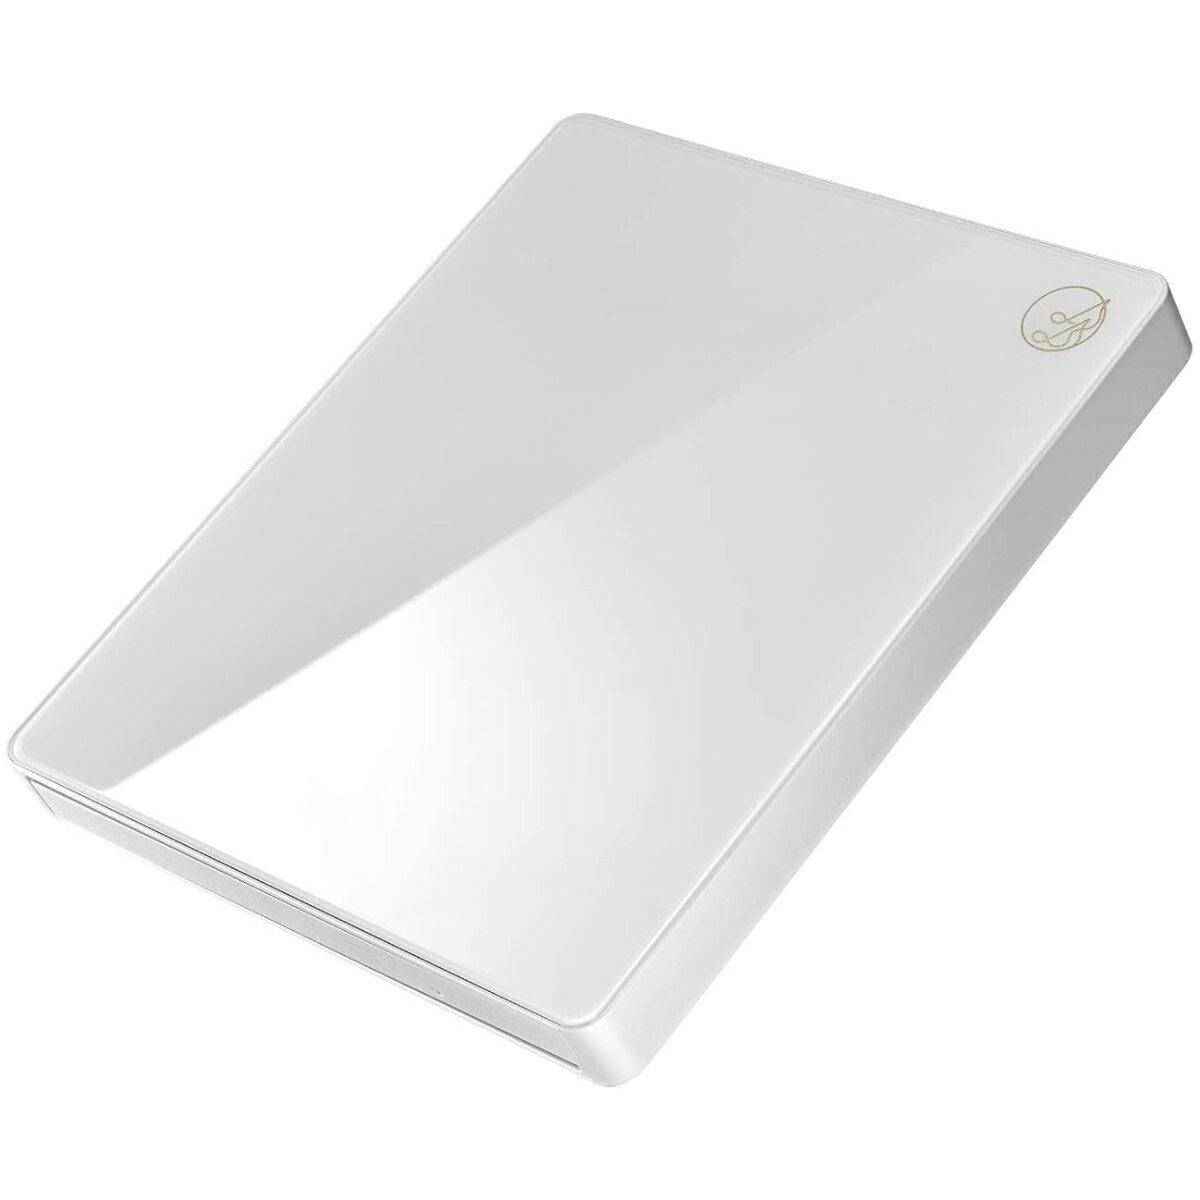 スマートフォン用CDレコーダー ホワイト